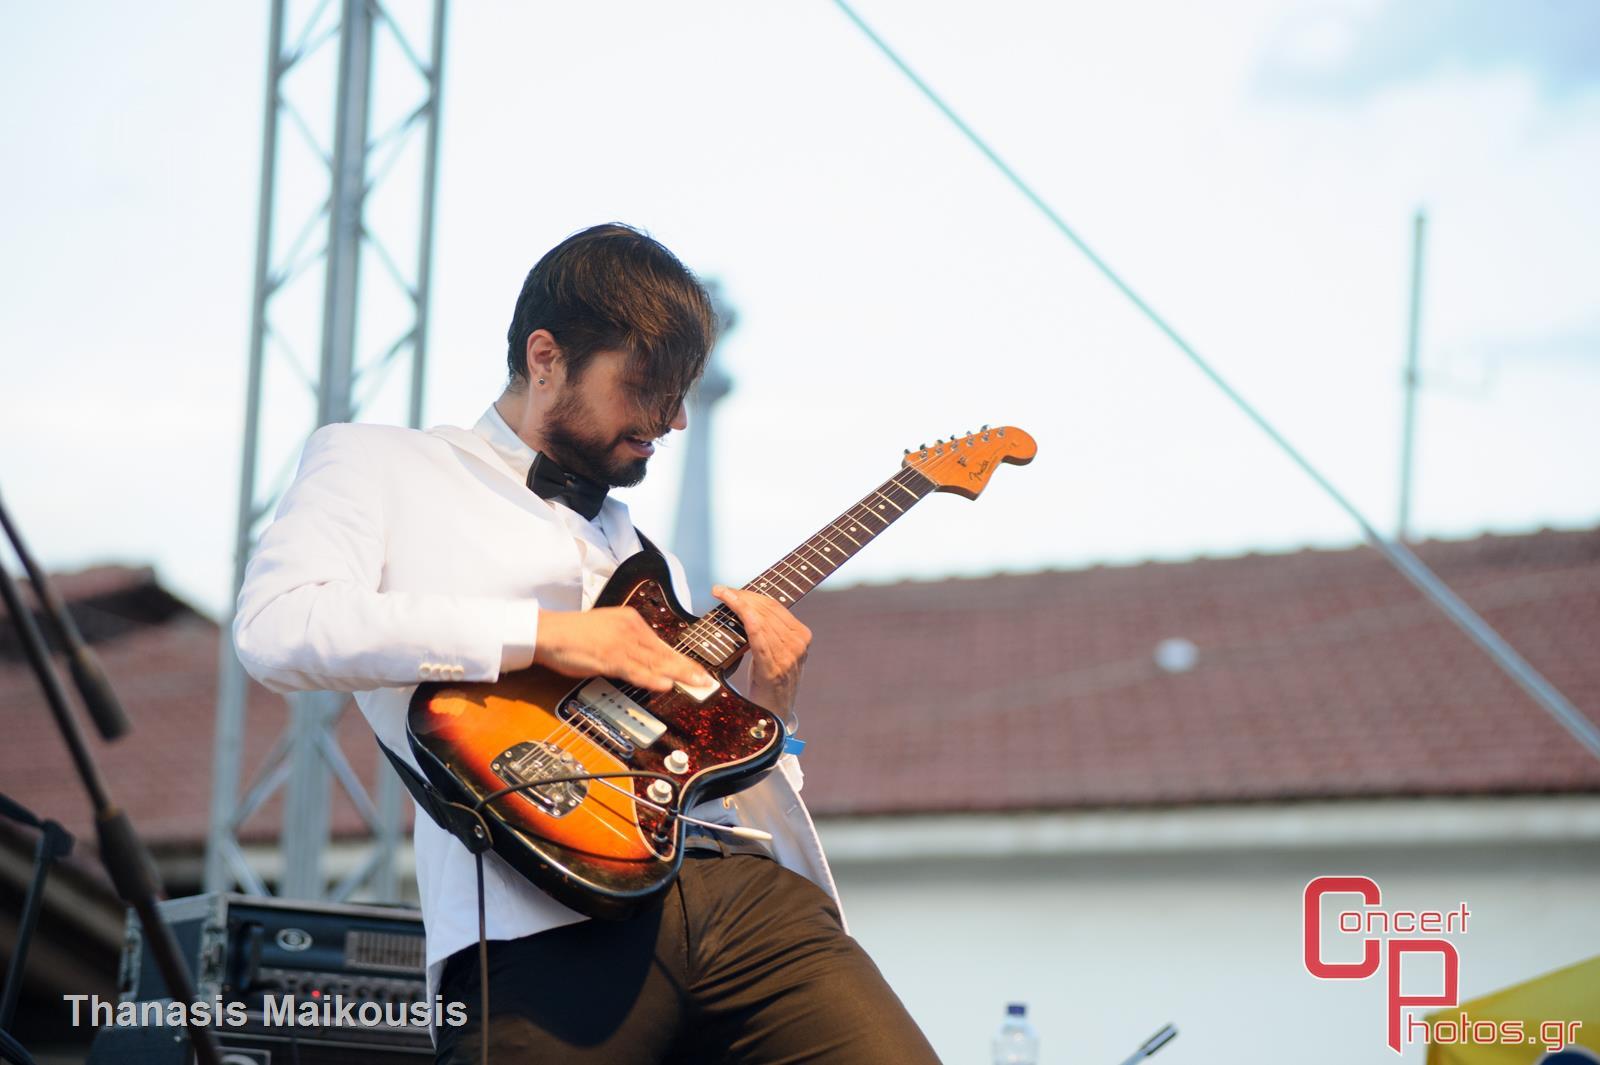 En Lefko 2014-En Lefko 2014 photographer: Thanasis Maikousis - concertphotos_20140620_20_35_02